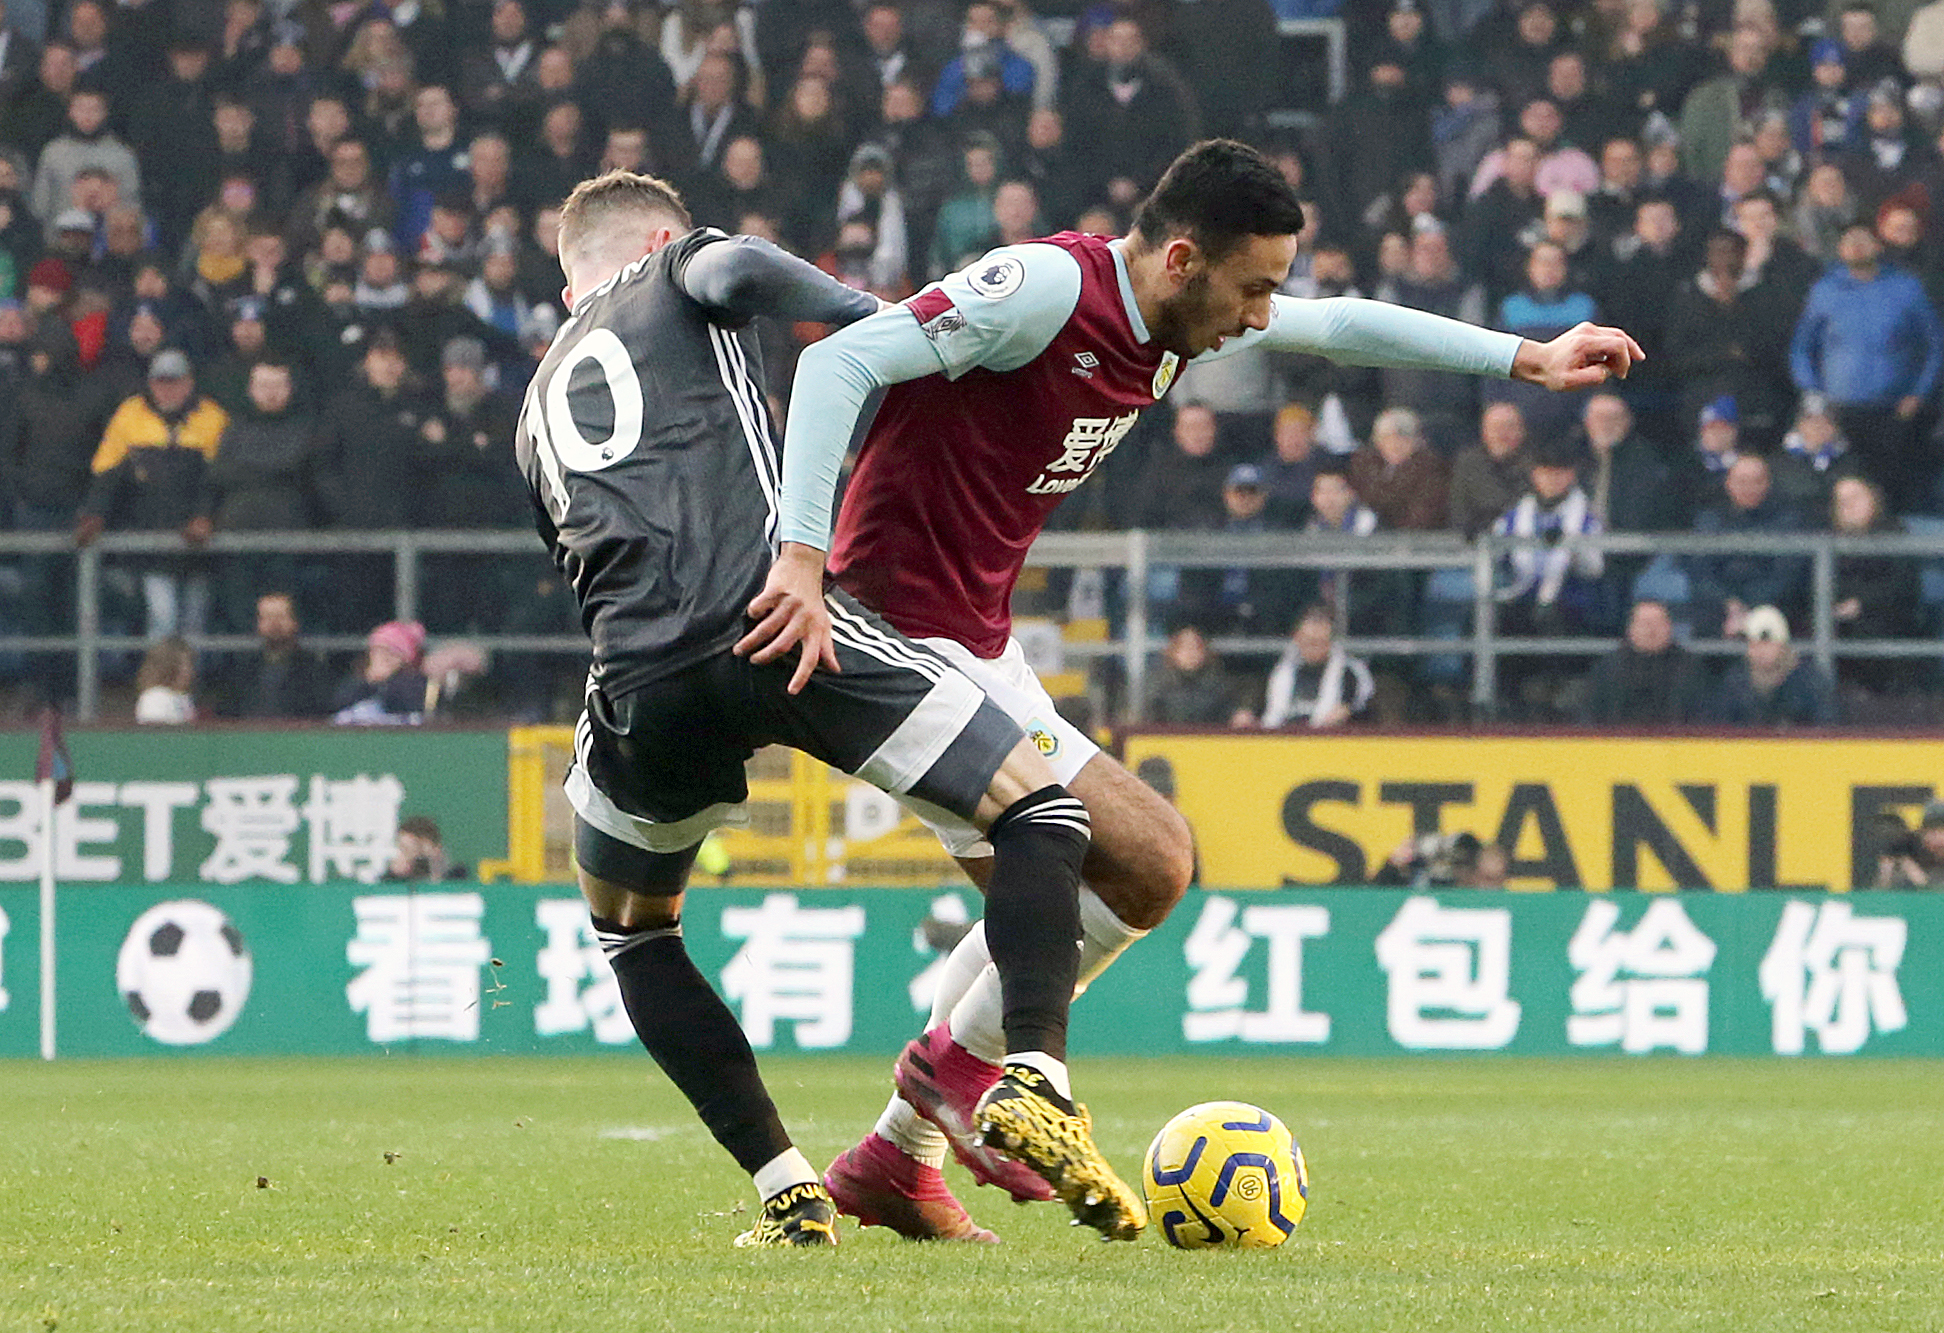 Burnley FC v Leicester City - Premier League